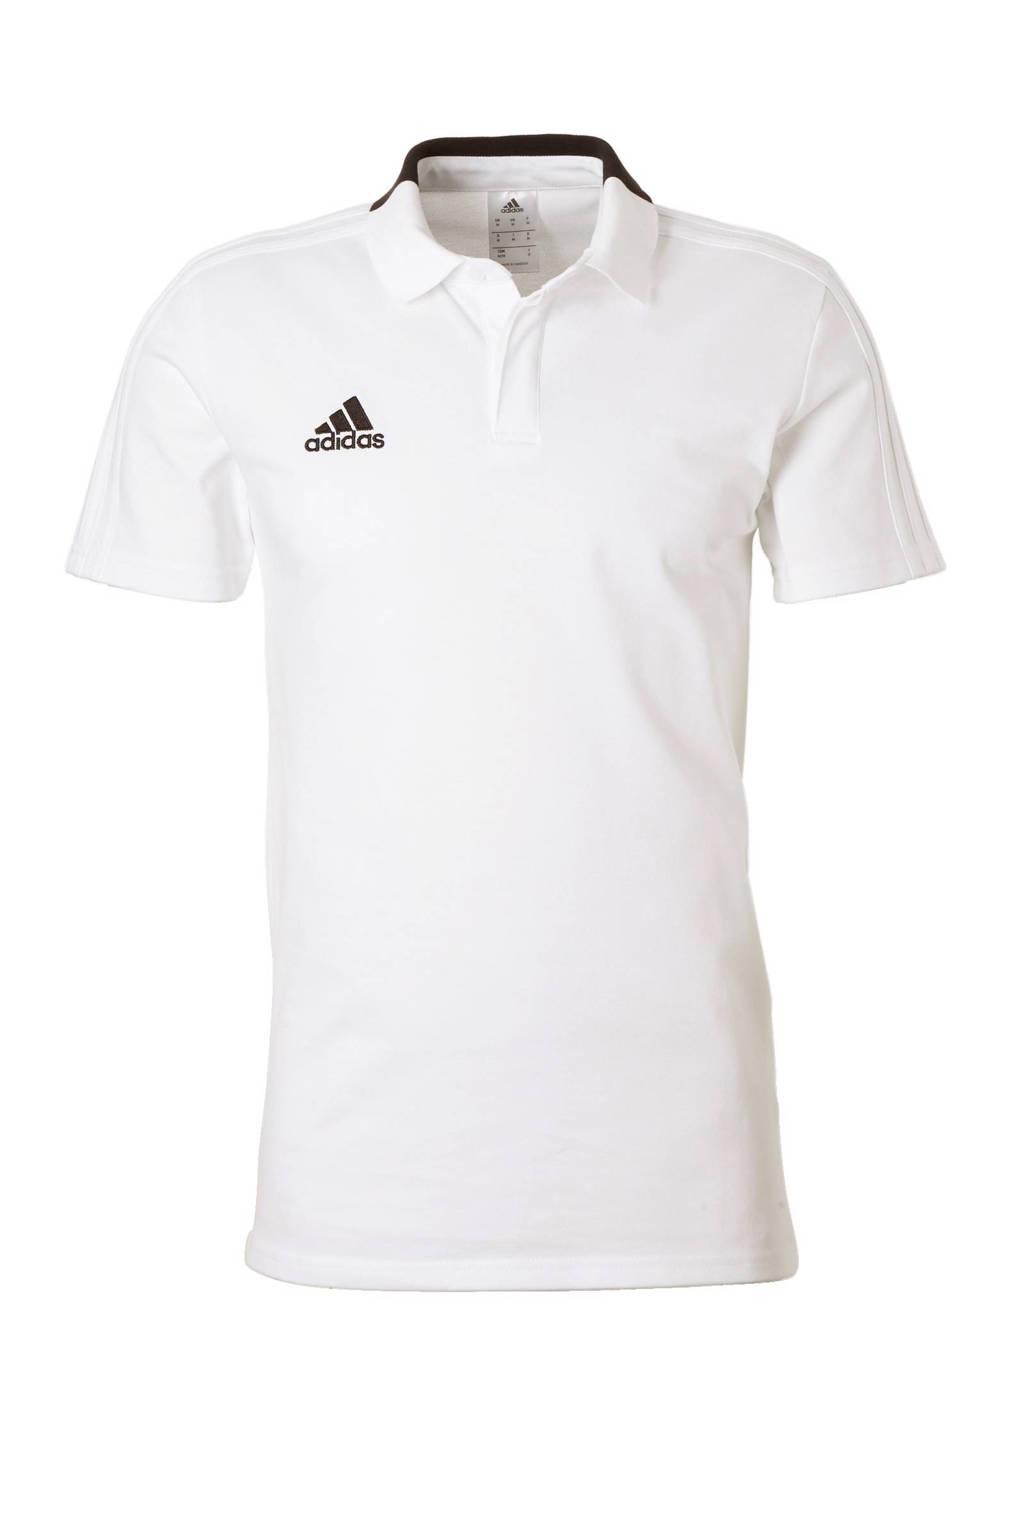 adidas performance   sportpolo Con18 wit, Wit/zwart